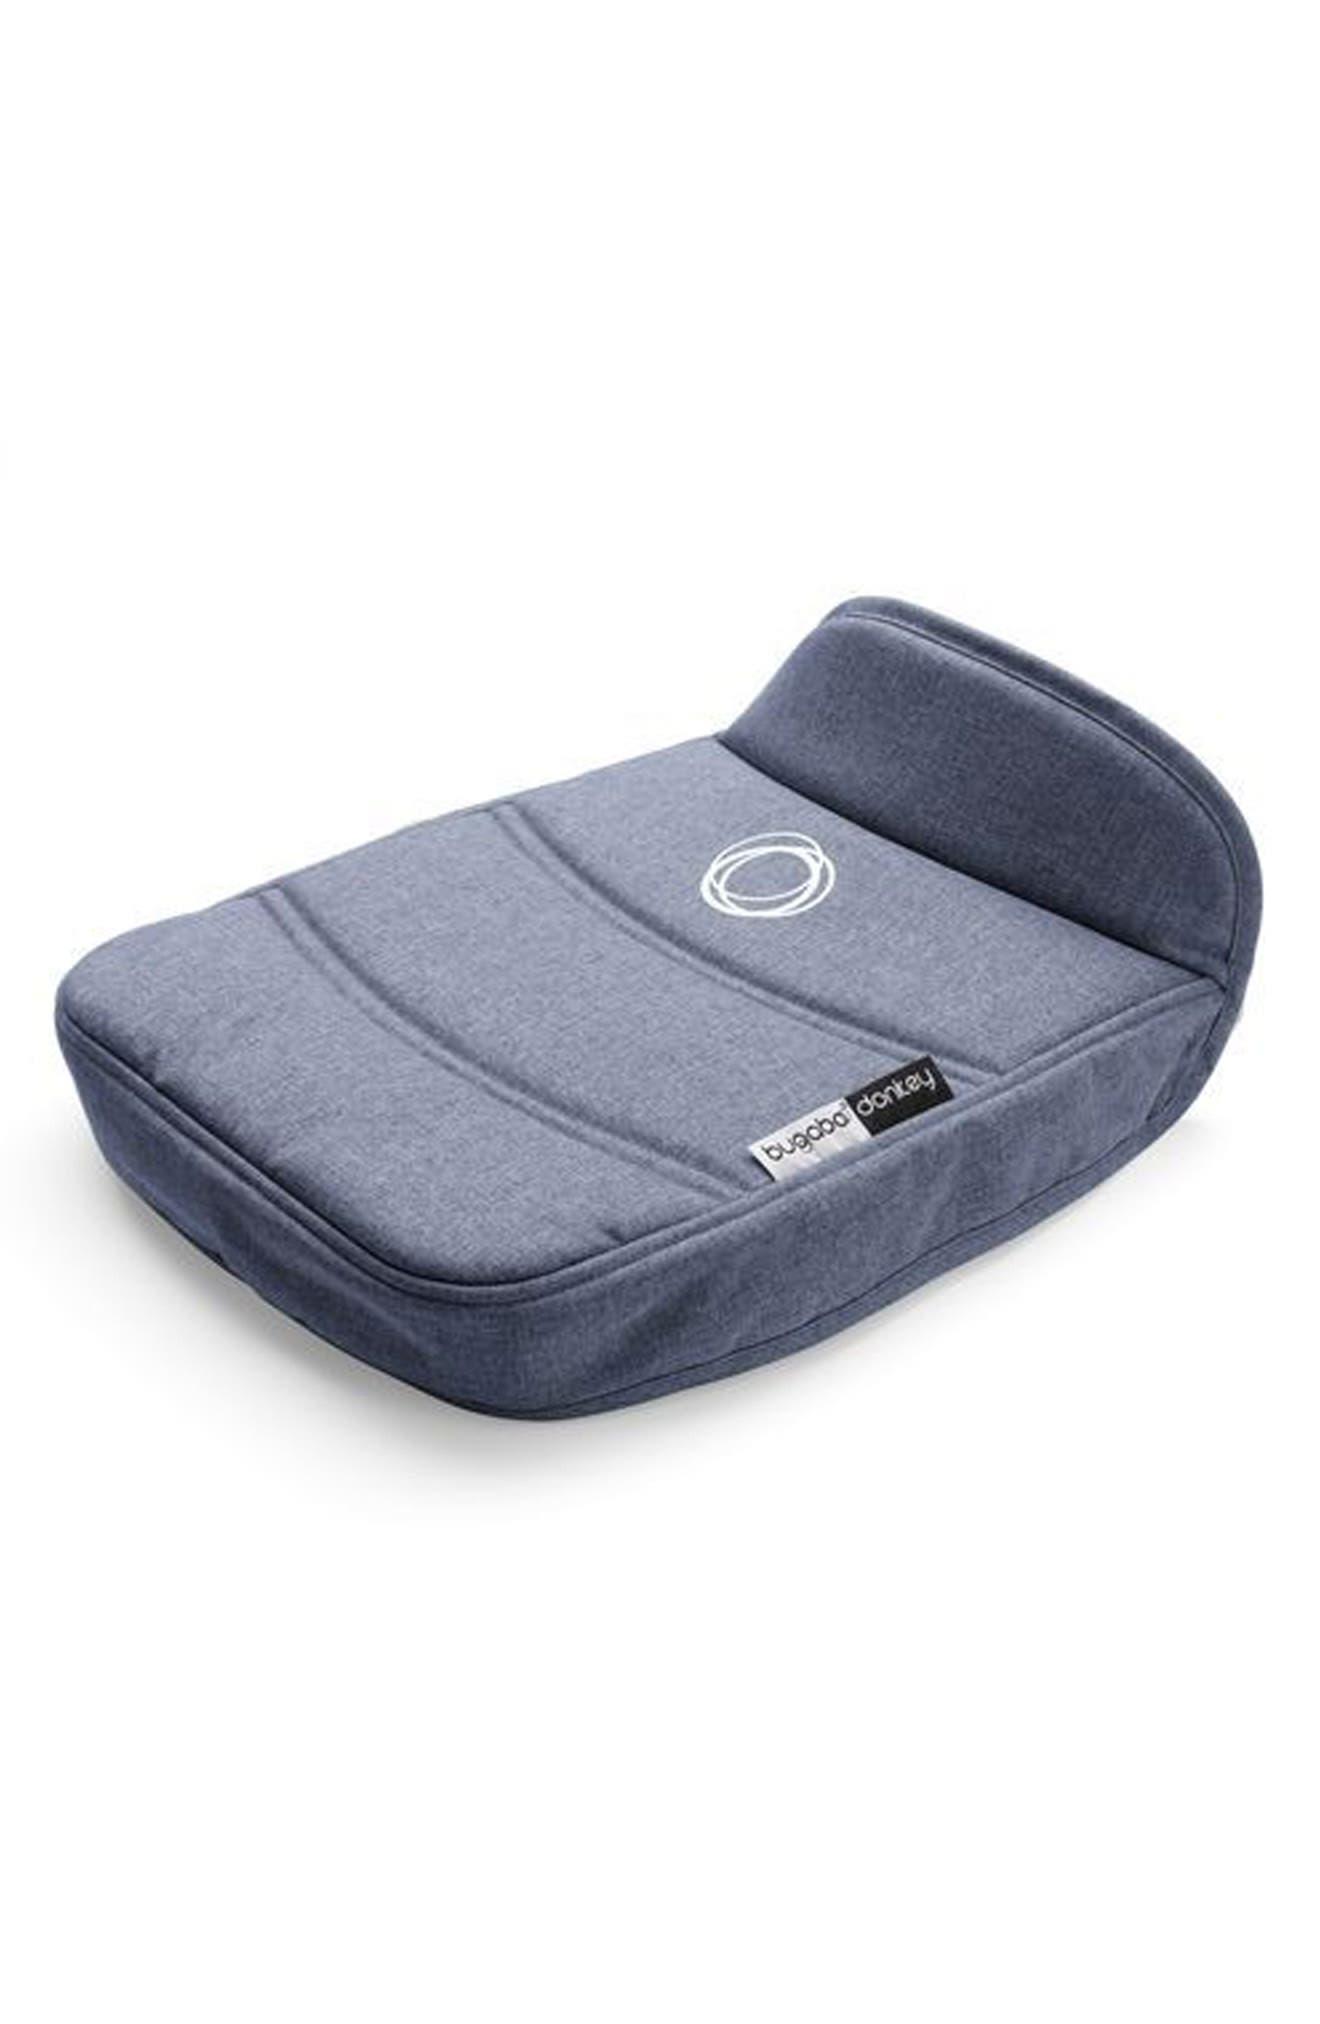 Bassinet Tailored Fabric Set for Donkey2 Stroller,                             Alternate thumbnail 4, color,                             Blue Melange